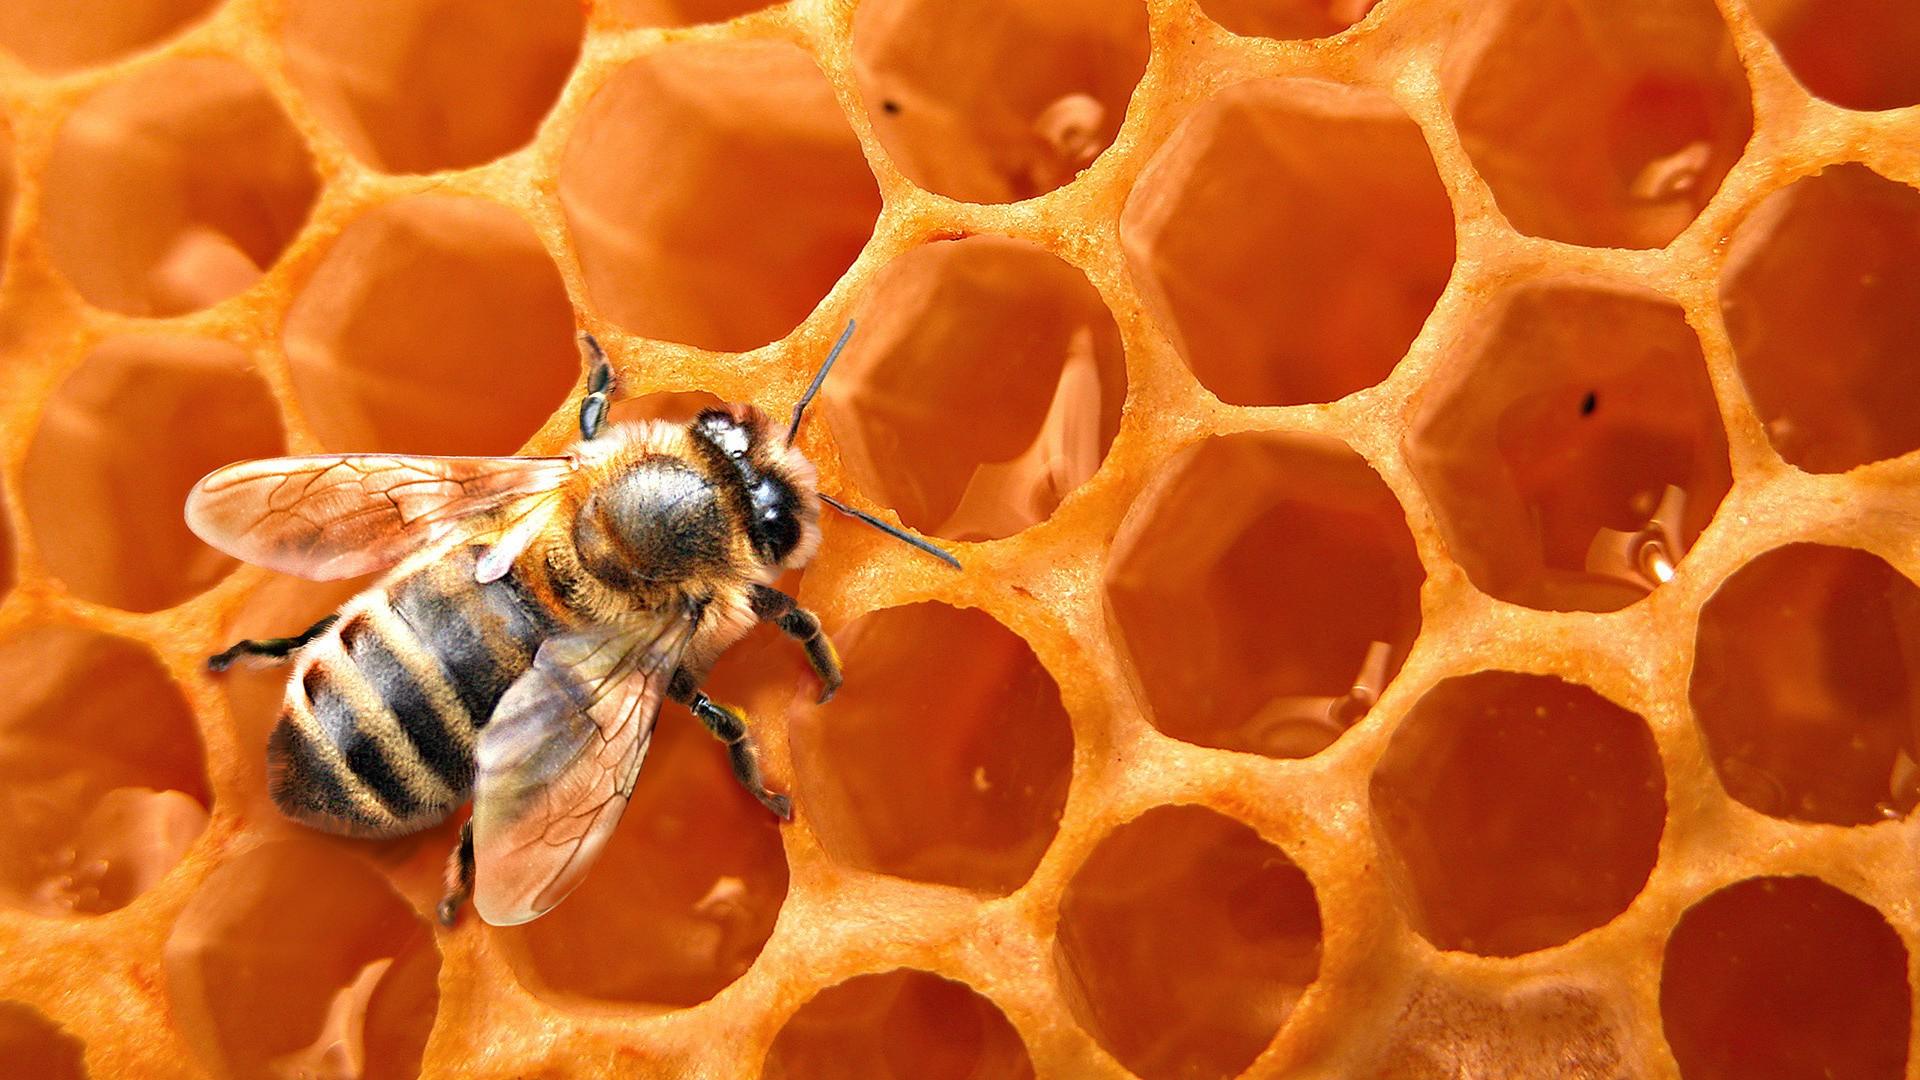 Мёд в сотах  № 604451 без смс